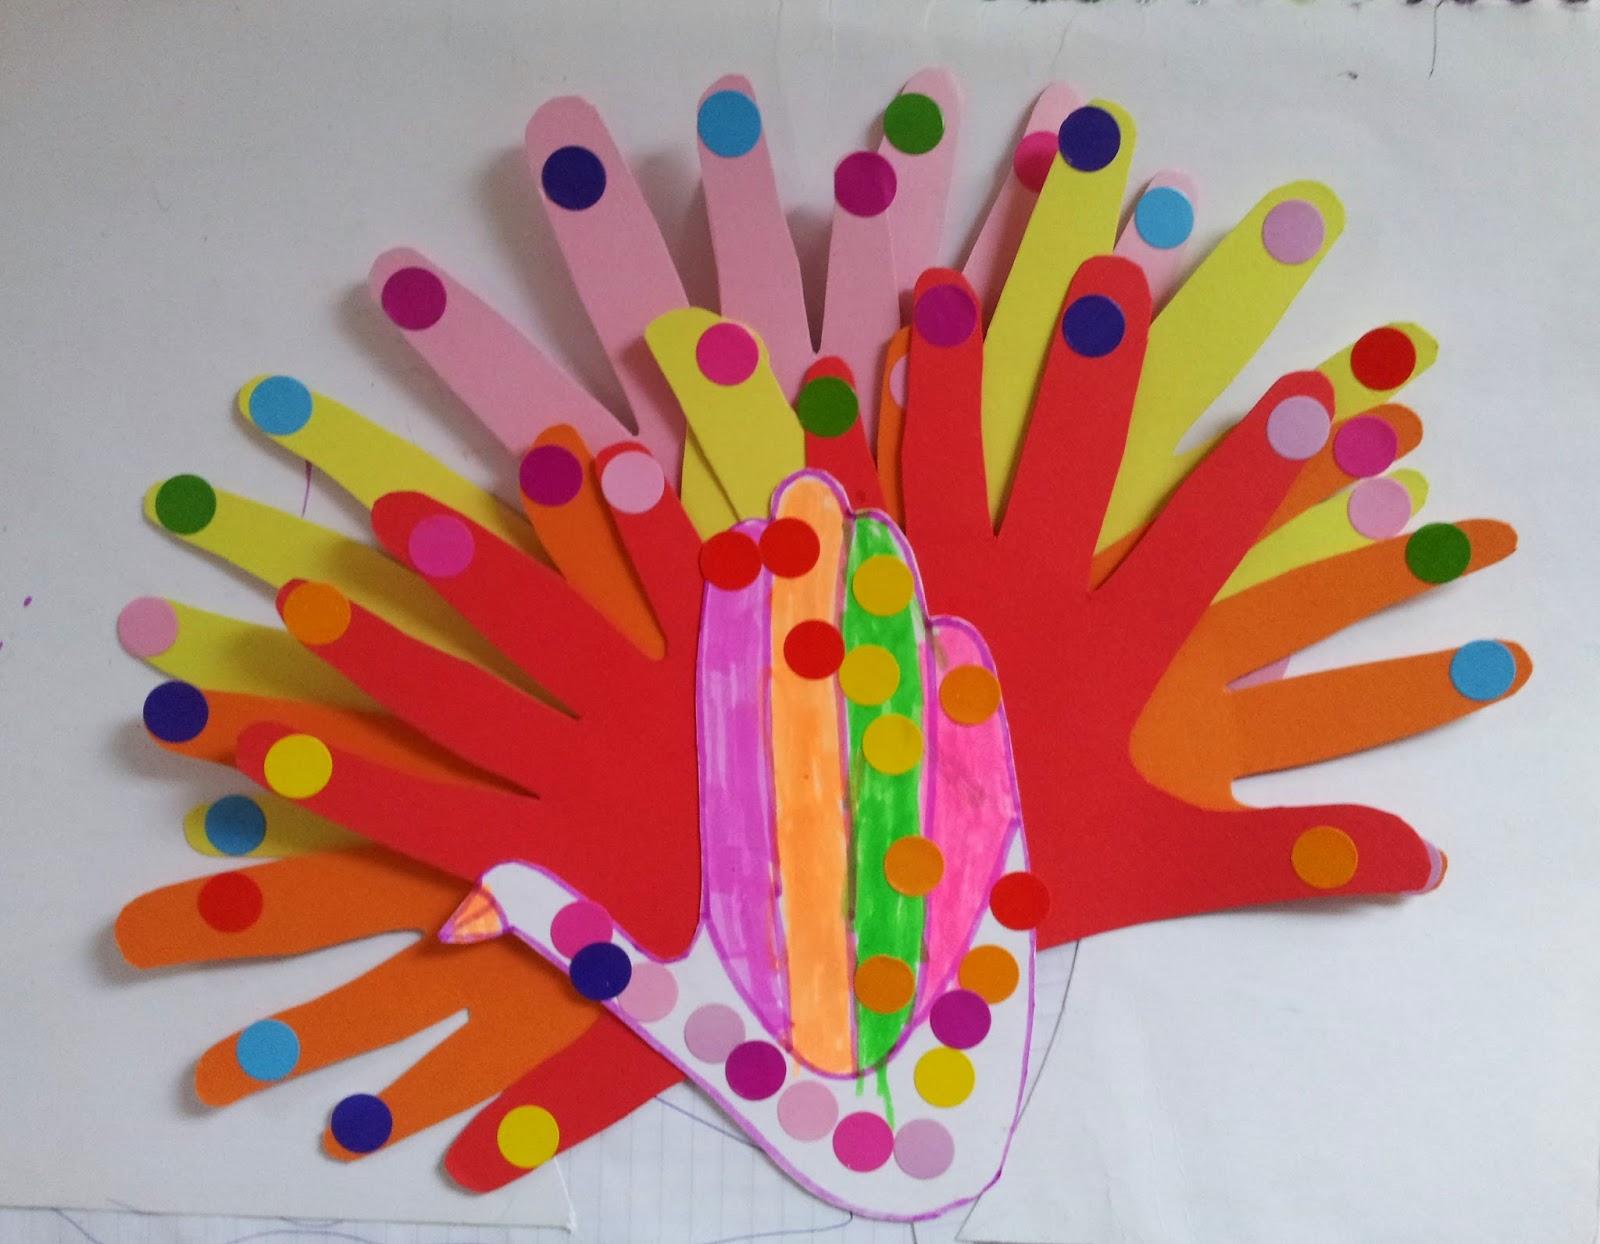 Fabuleux Bulles de Plume: Idée pour les enfants pendant les vacances? l  LS75